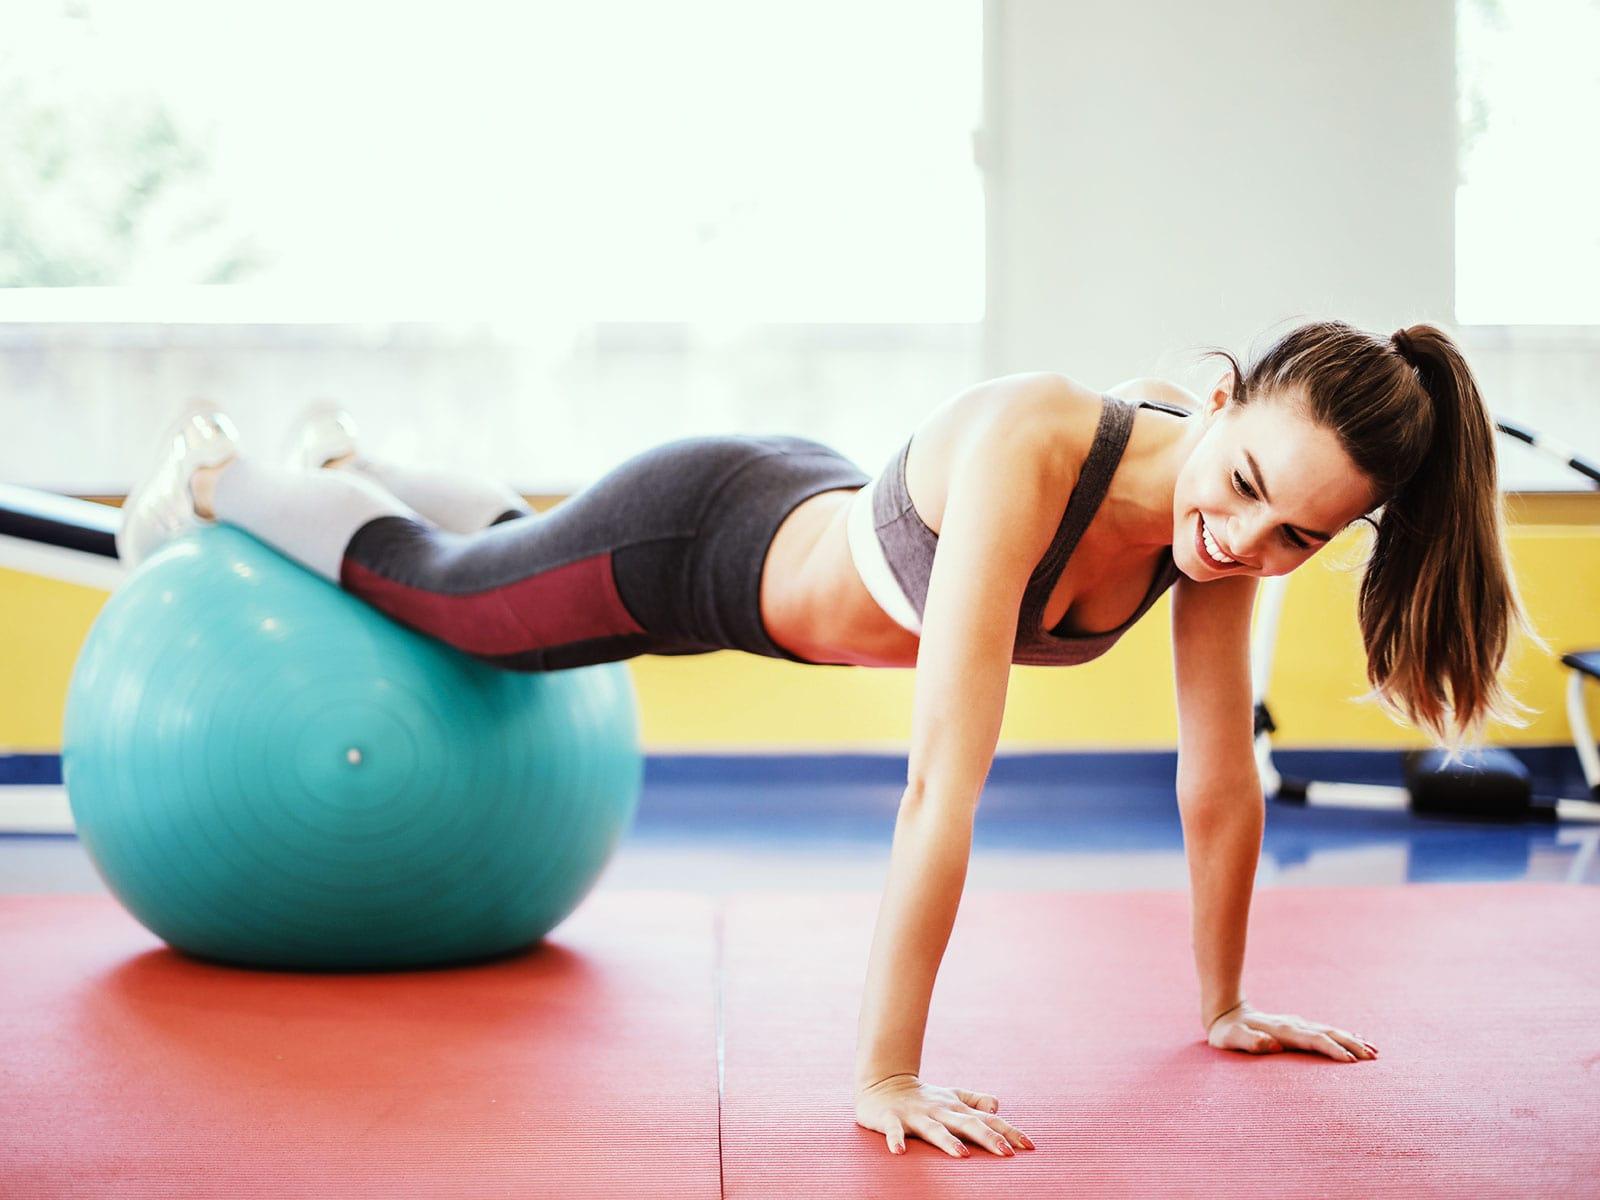 Motion hjälper den som hjälper sig själv